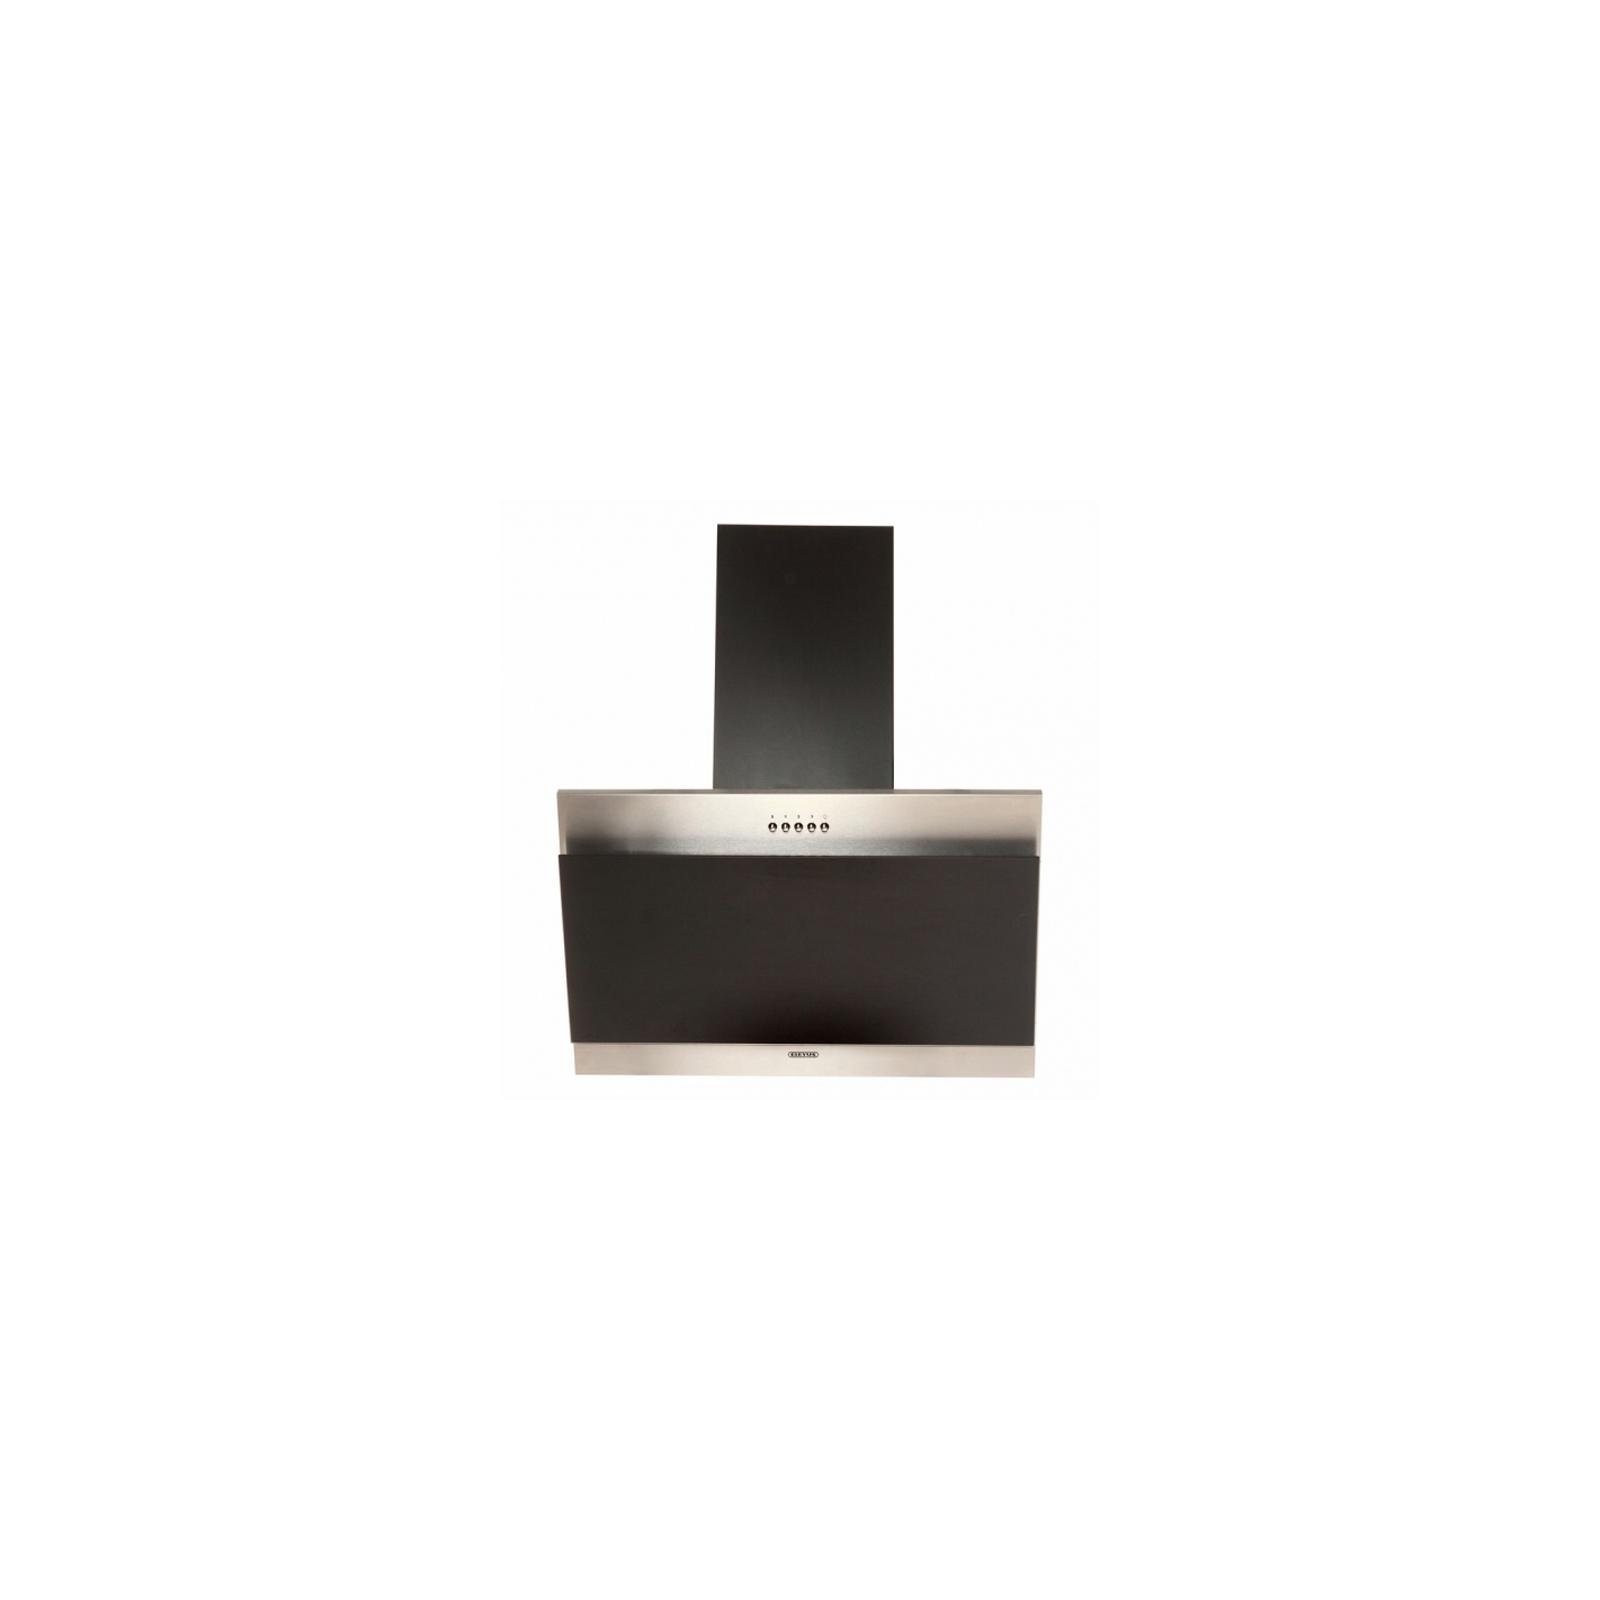 Вытяжка кухонная Eleyus Lana 700 60 IS+BL изображение 2